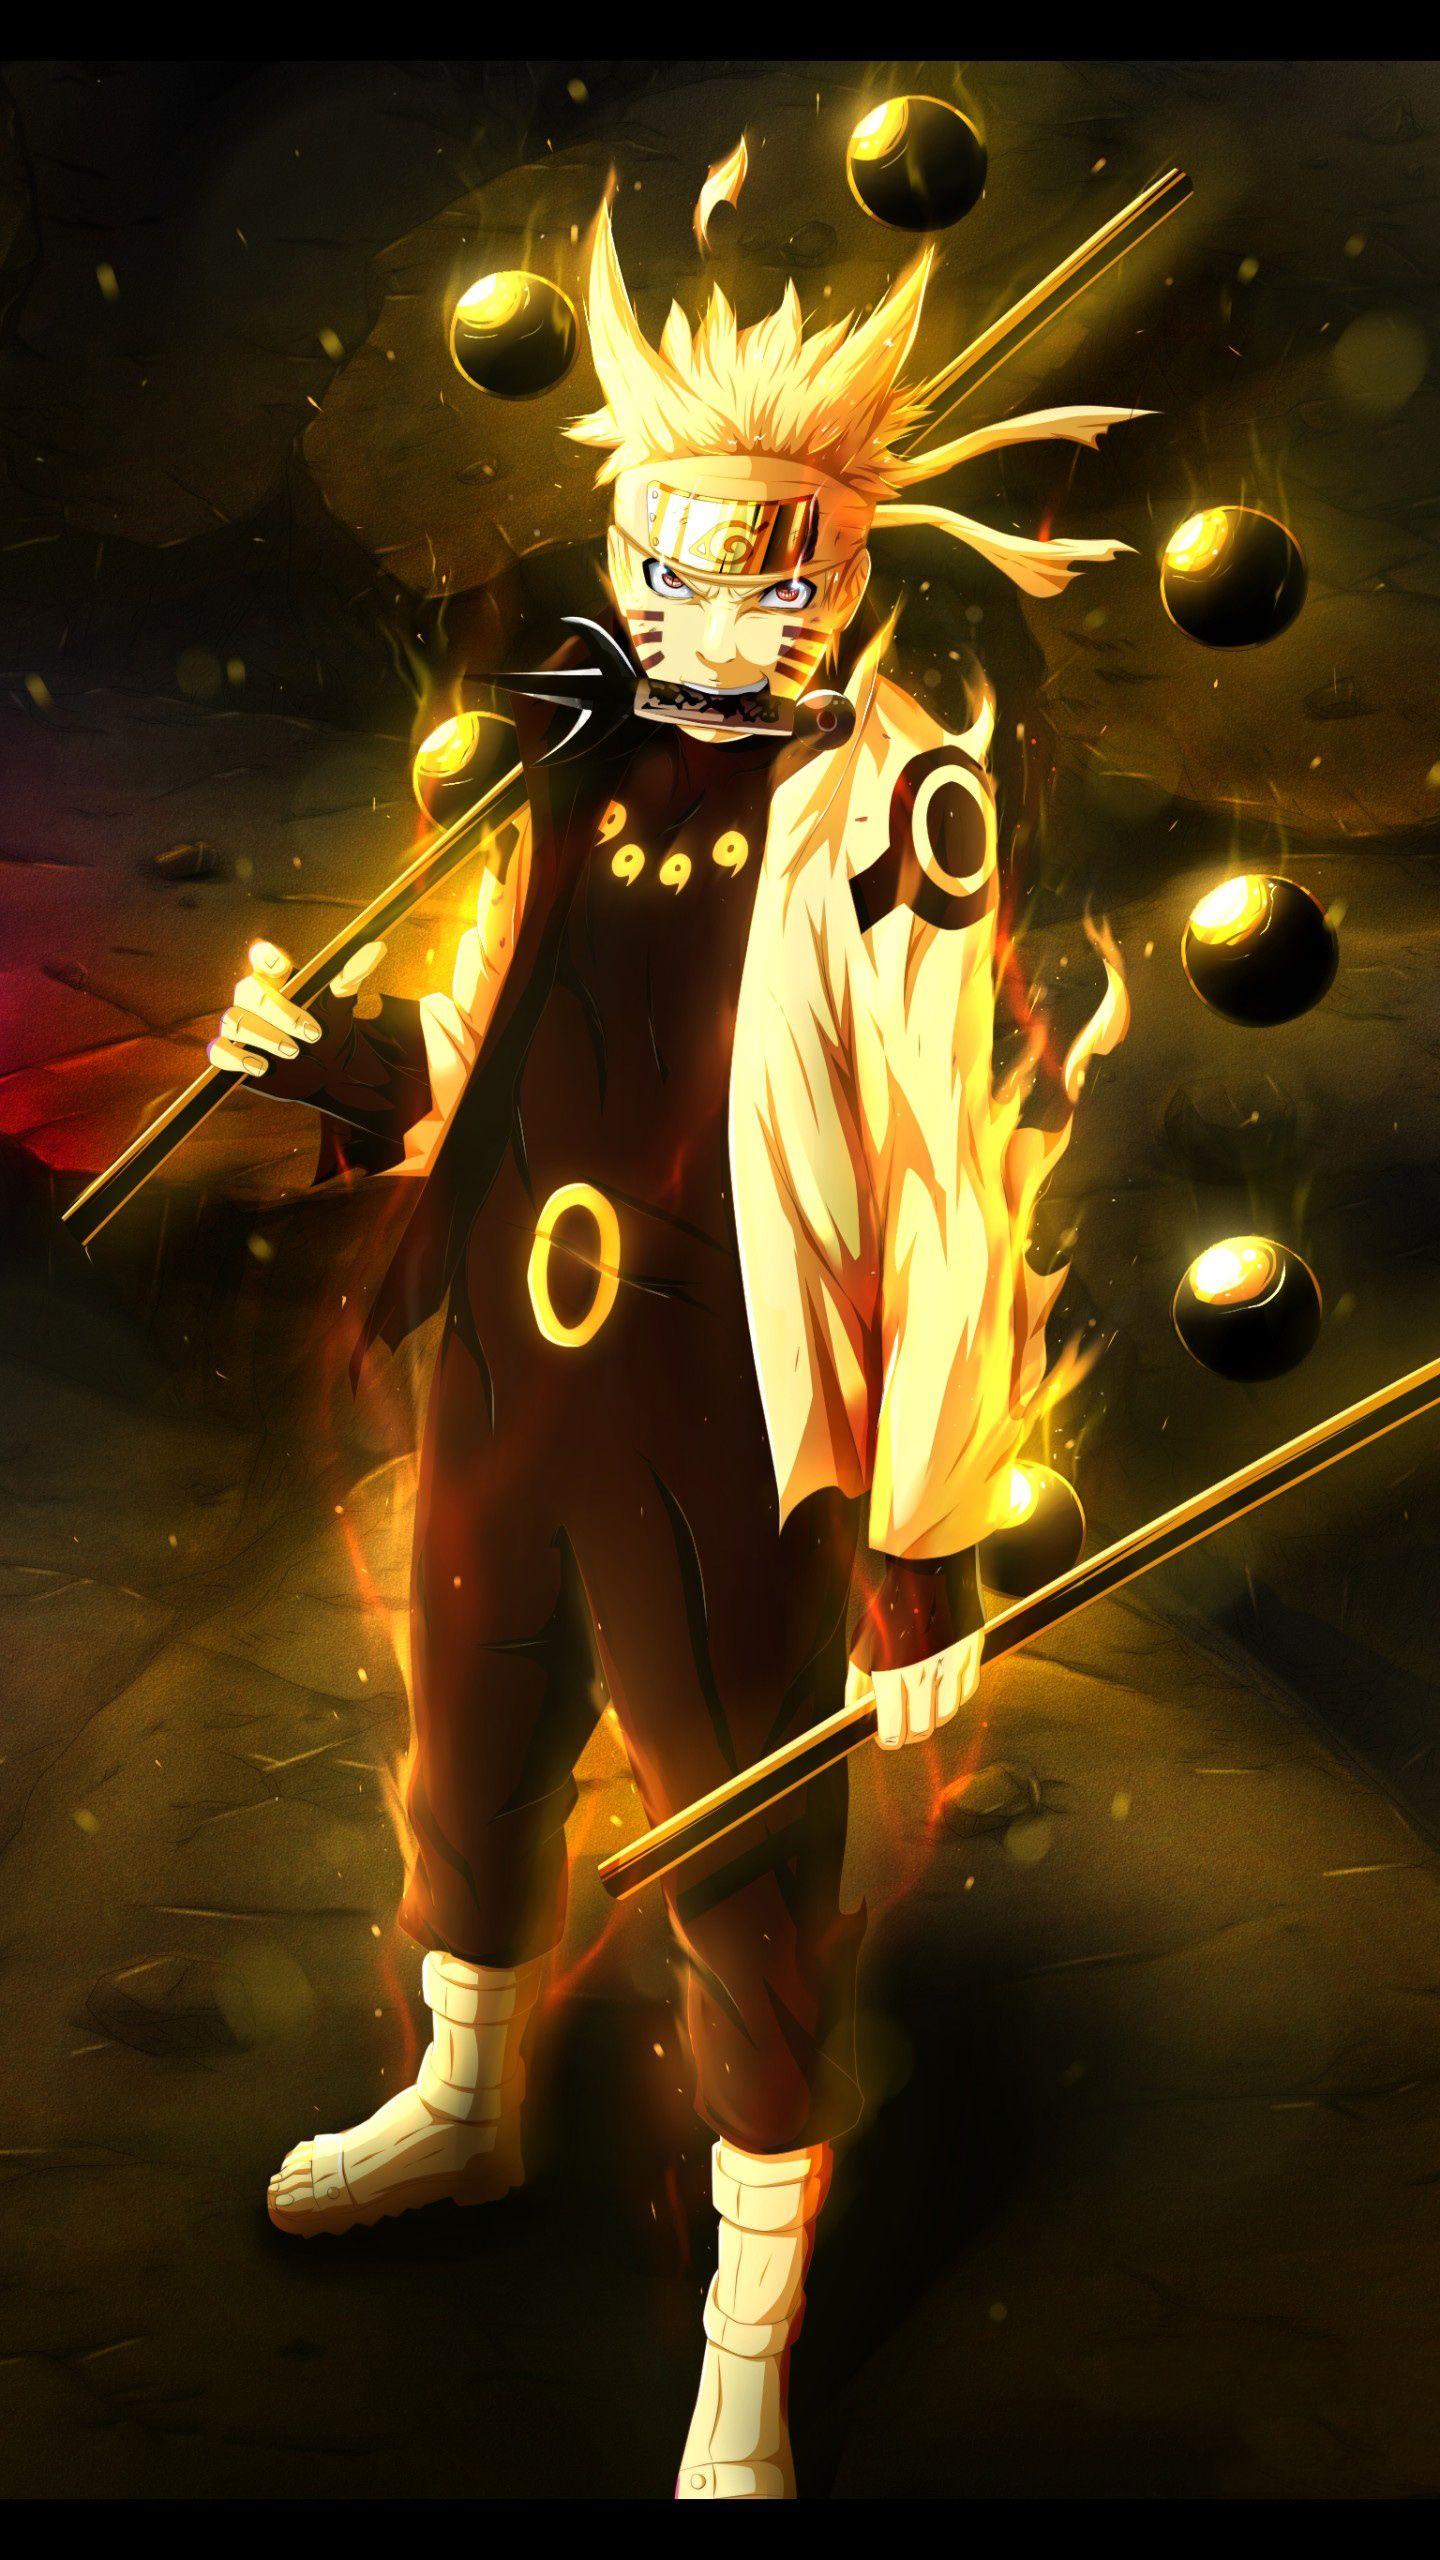 Tuyển tập hình ảnh Naruto 3D cực đẹp sắc nét nhất